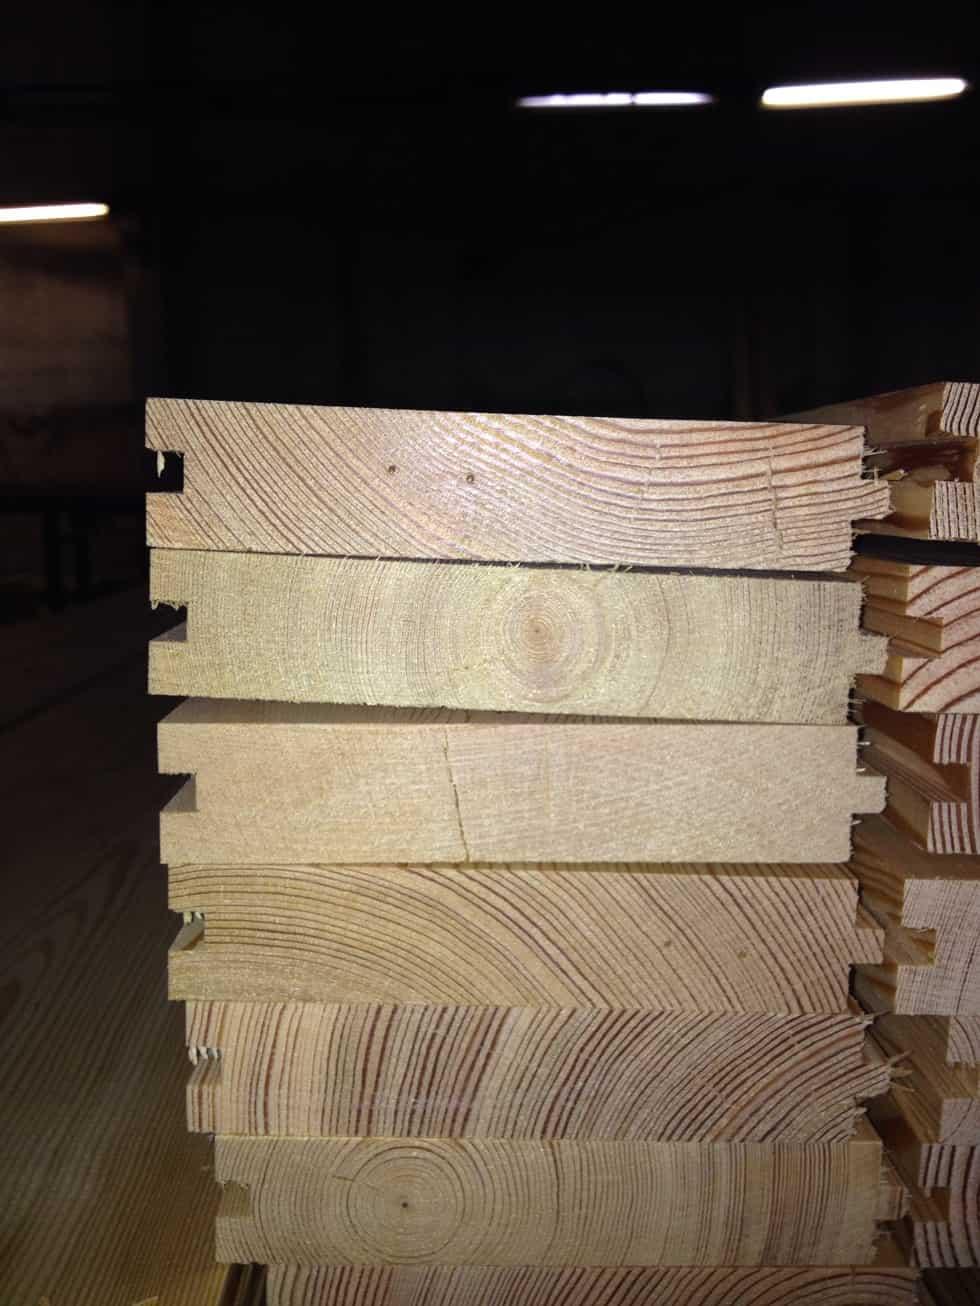 drevene-prkenne-podlahy